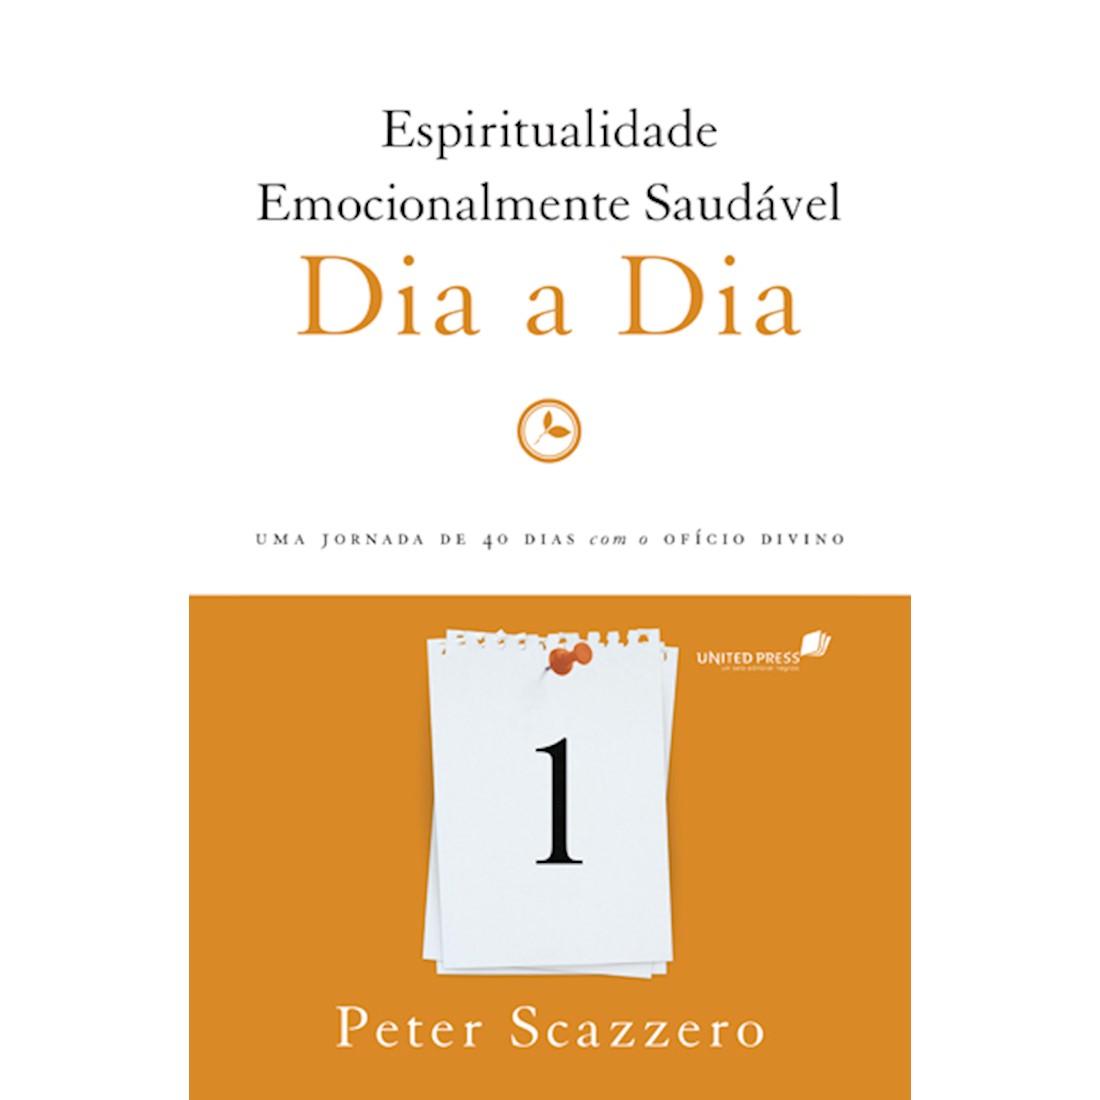 Livro Espiritualidade Emocionalmente Saudável - Dia a Dia